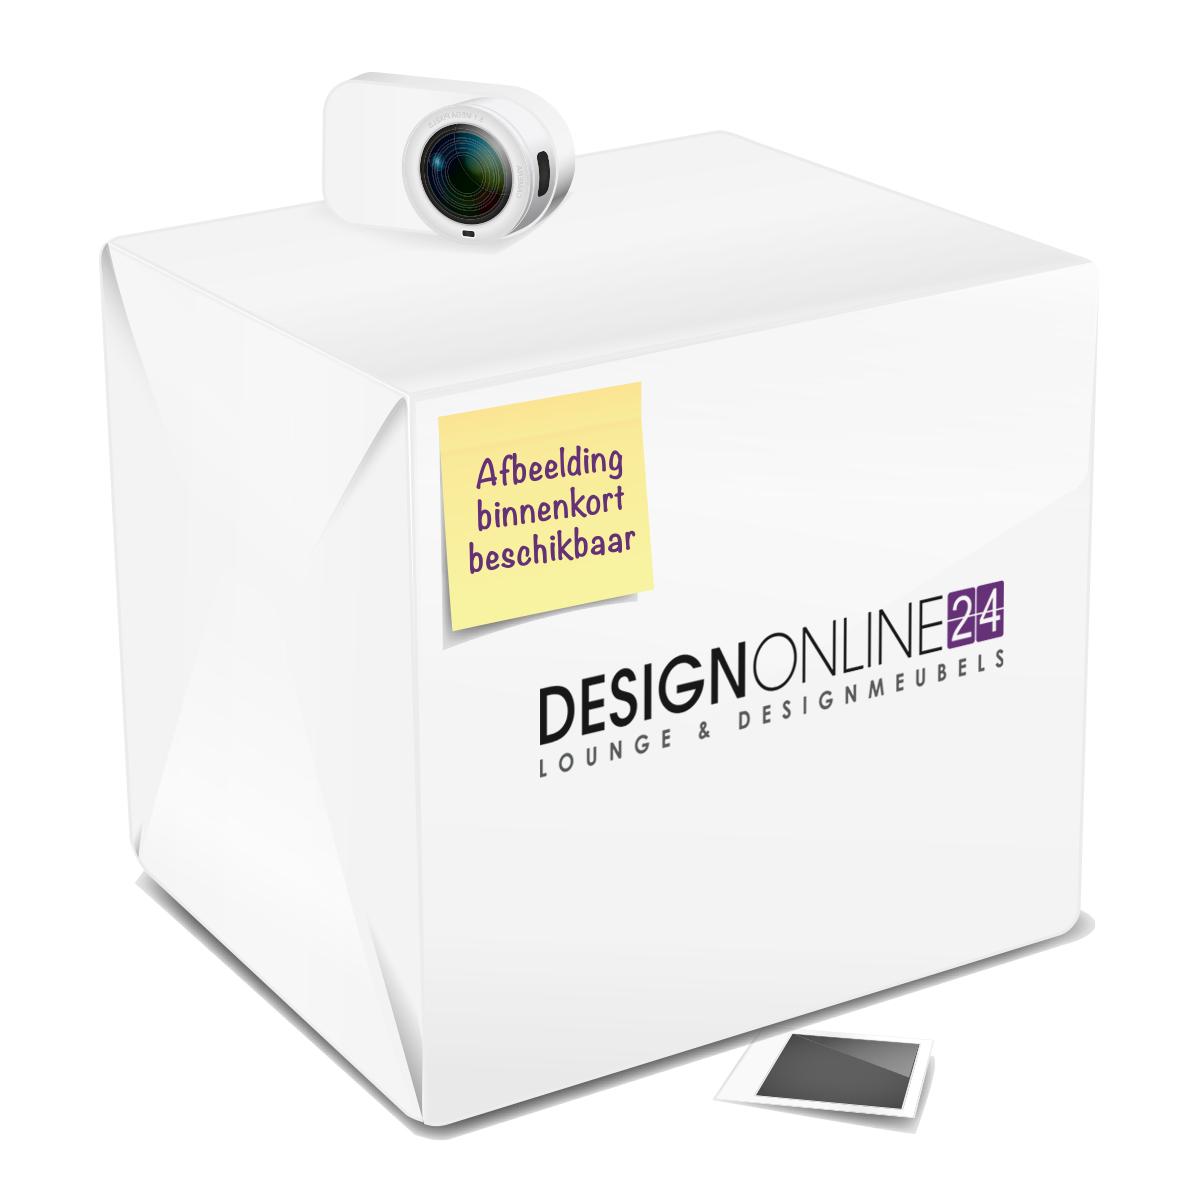 Eettafel stoelen kopen? Bestel online bij DesignOnline24!